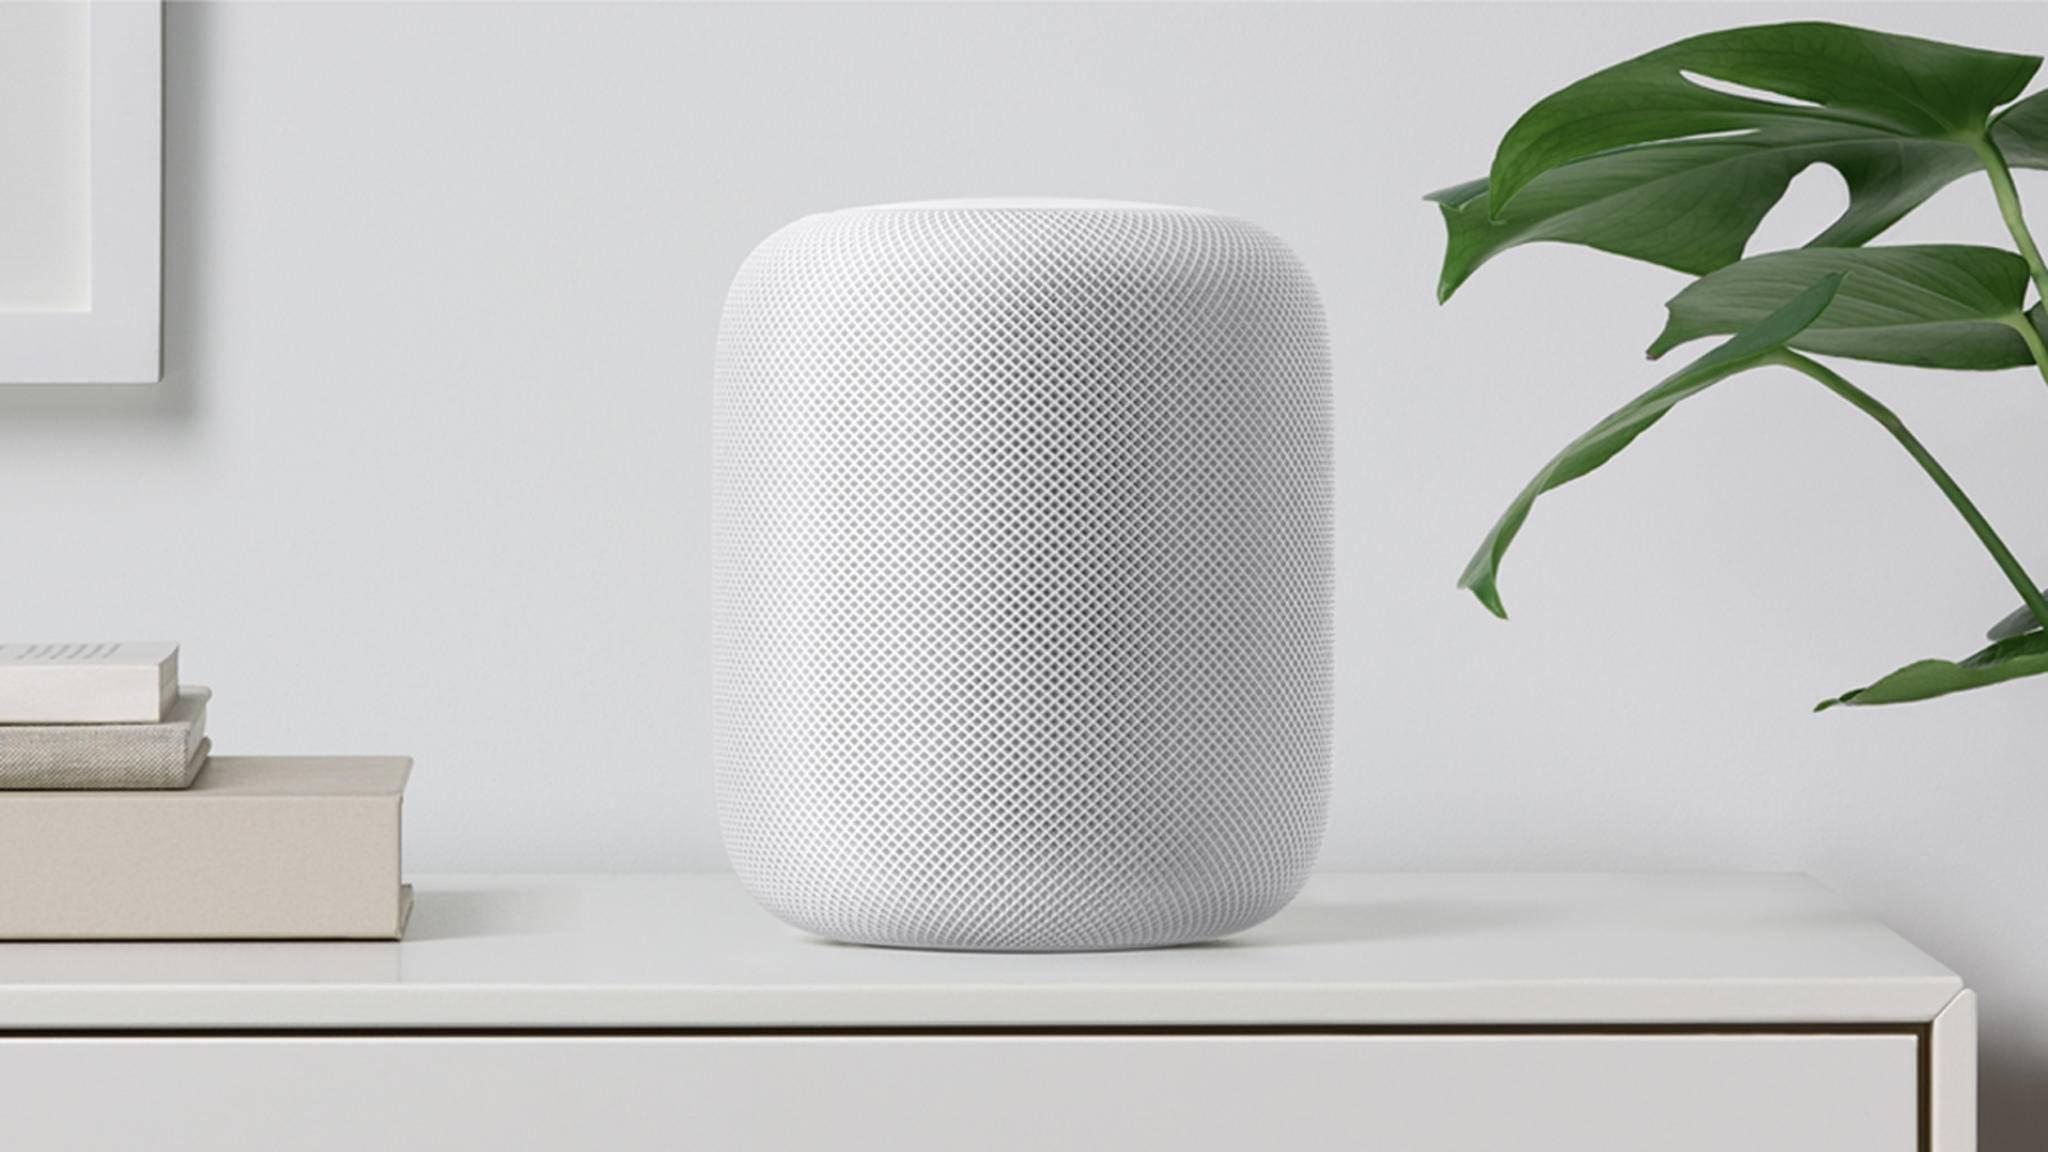 Der Apple HomePod dürfte bald in den USA auf den Markt kommen.